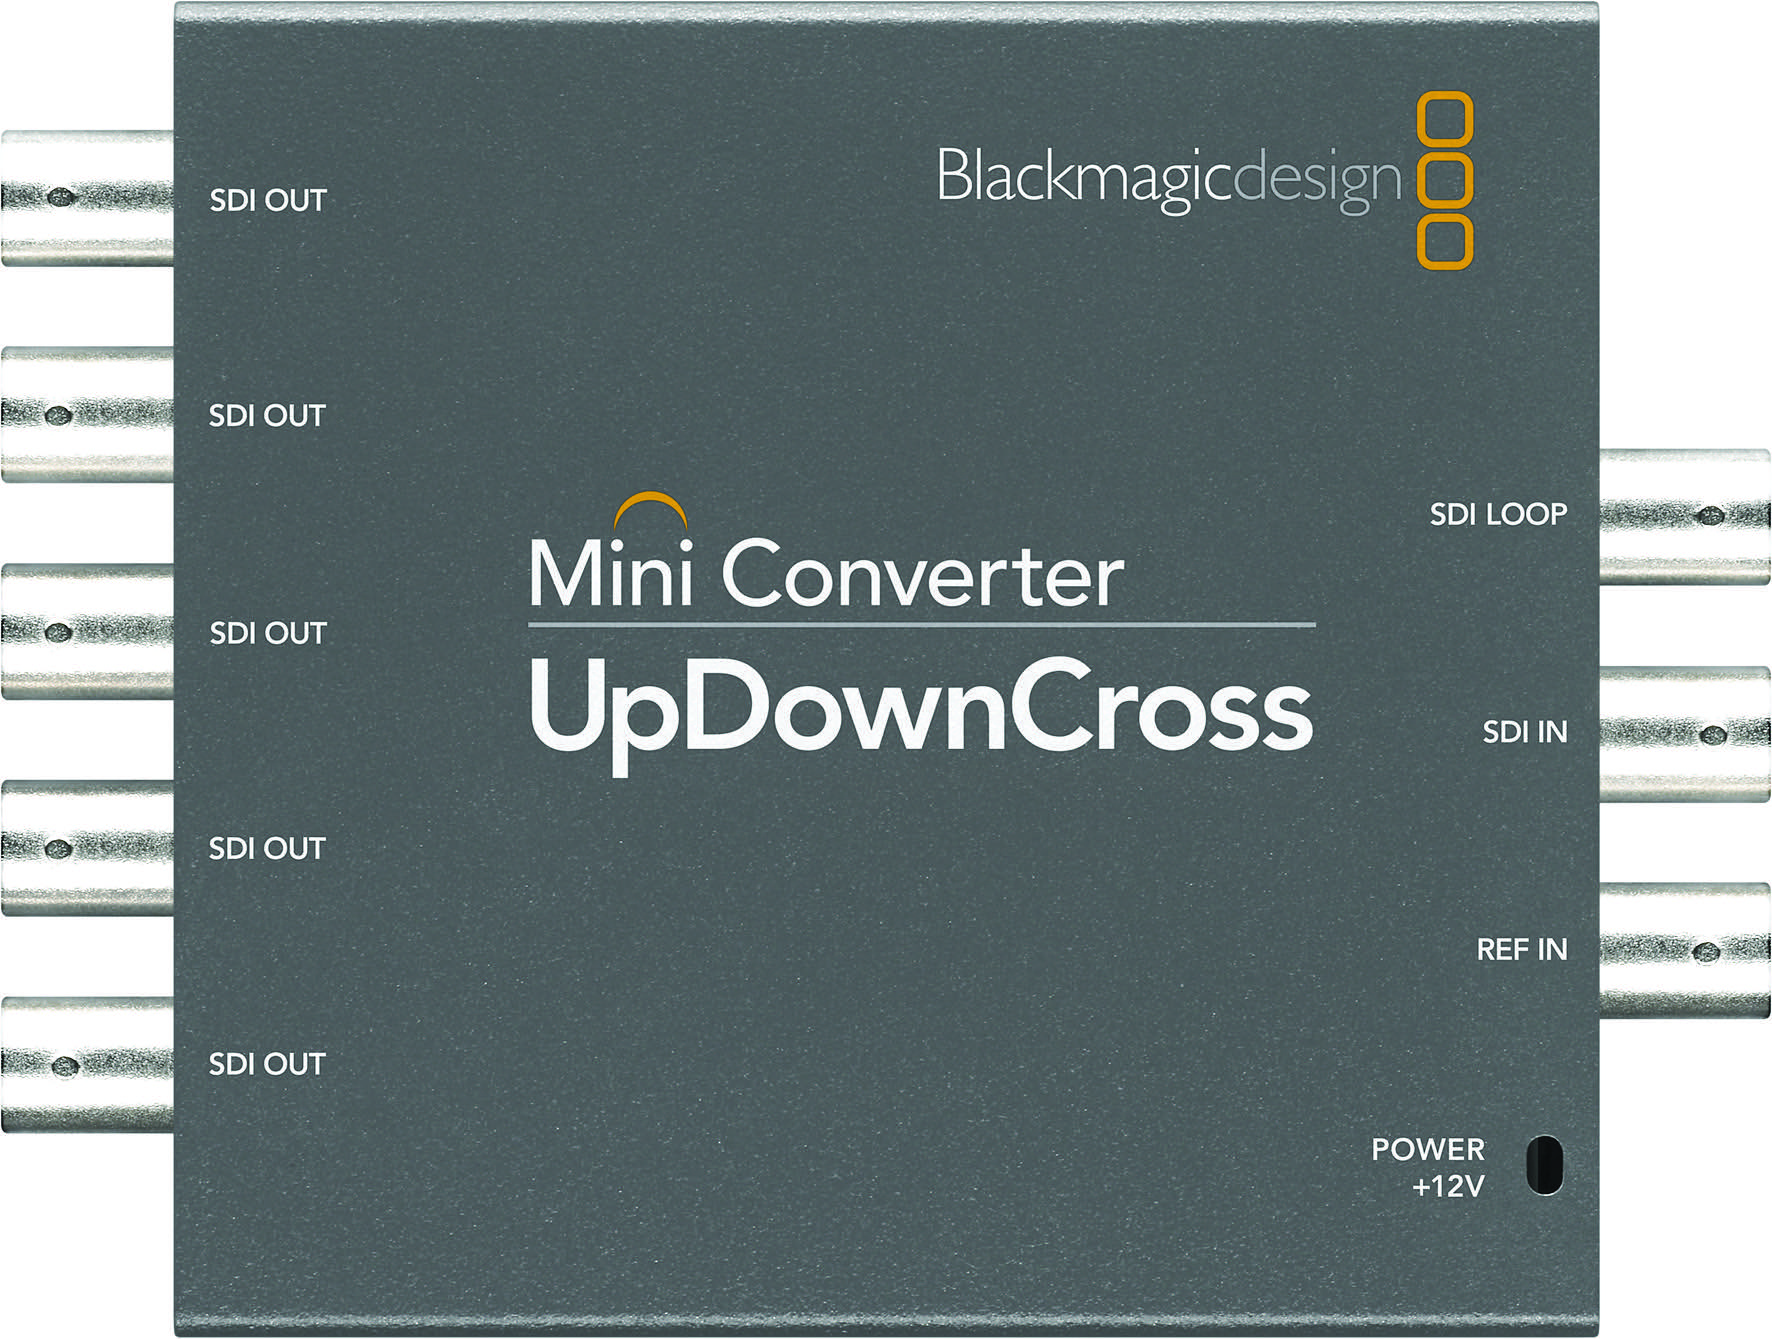 MiniConverterUpDownCrossFront